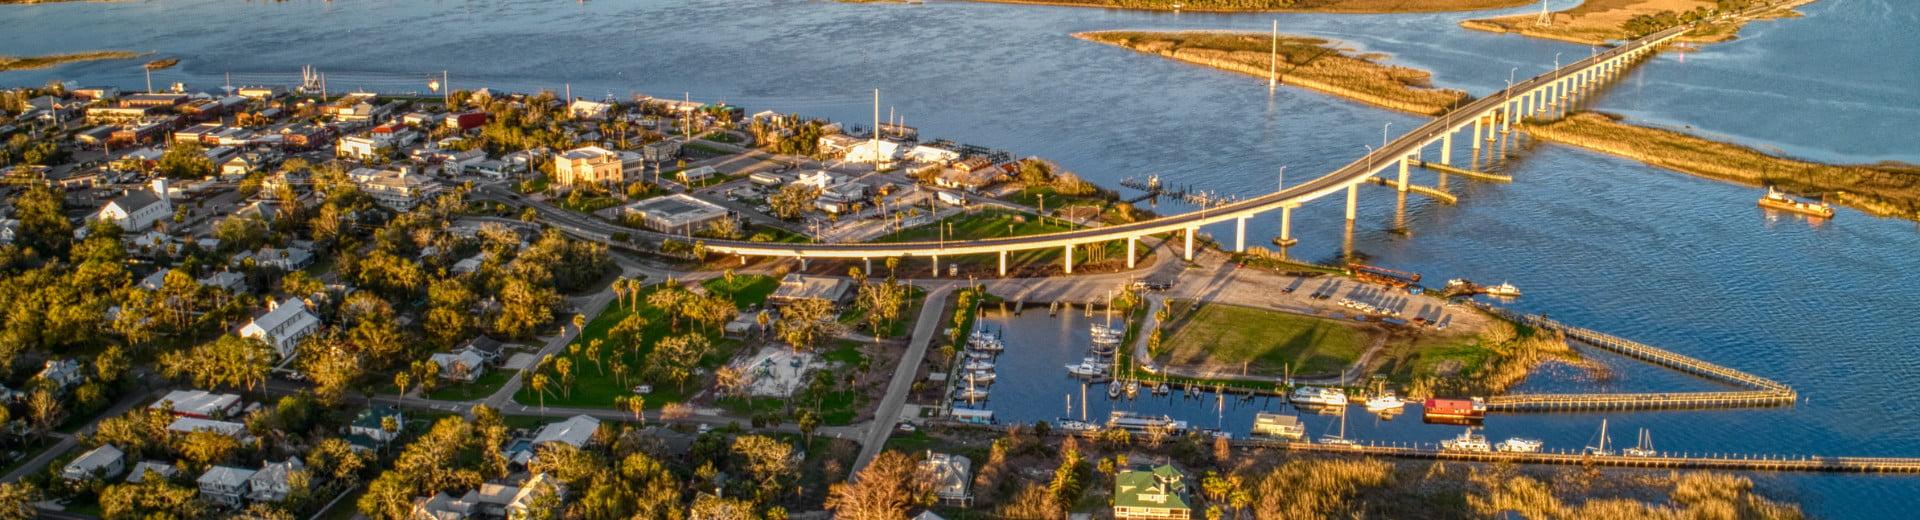 Apalachicola FL Real Estate aerial of Apalachicola Bridge